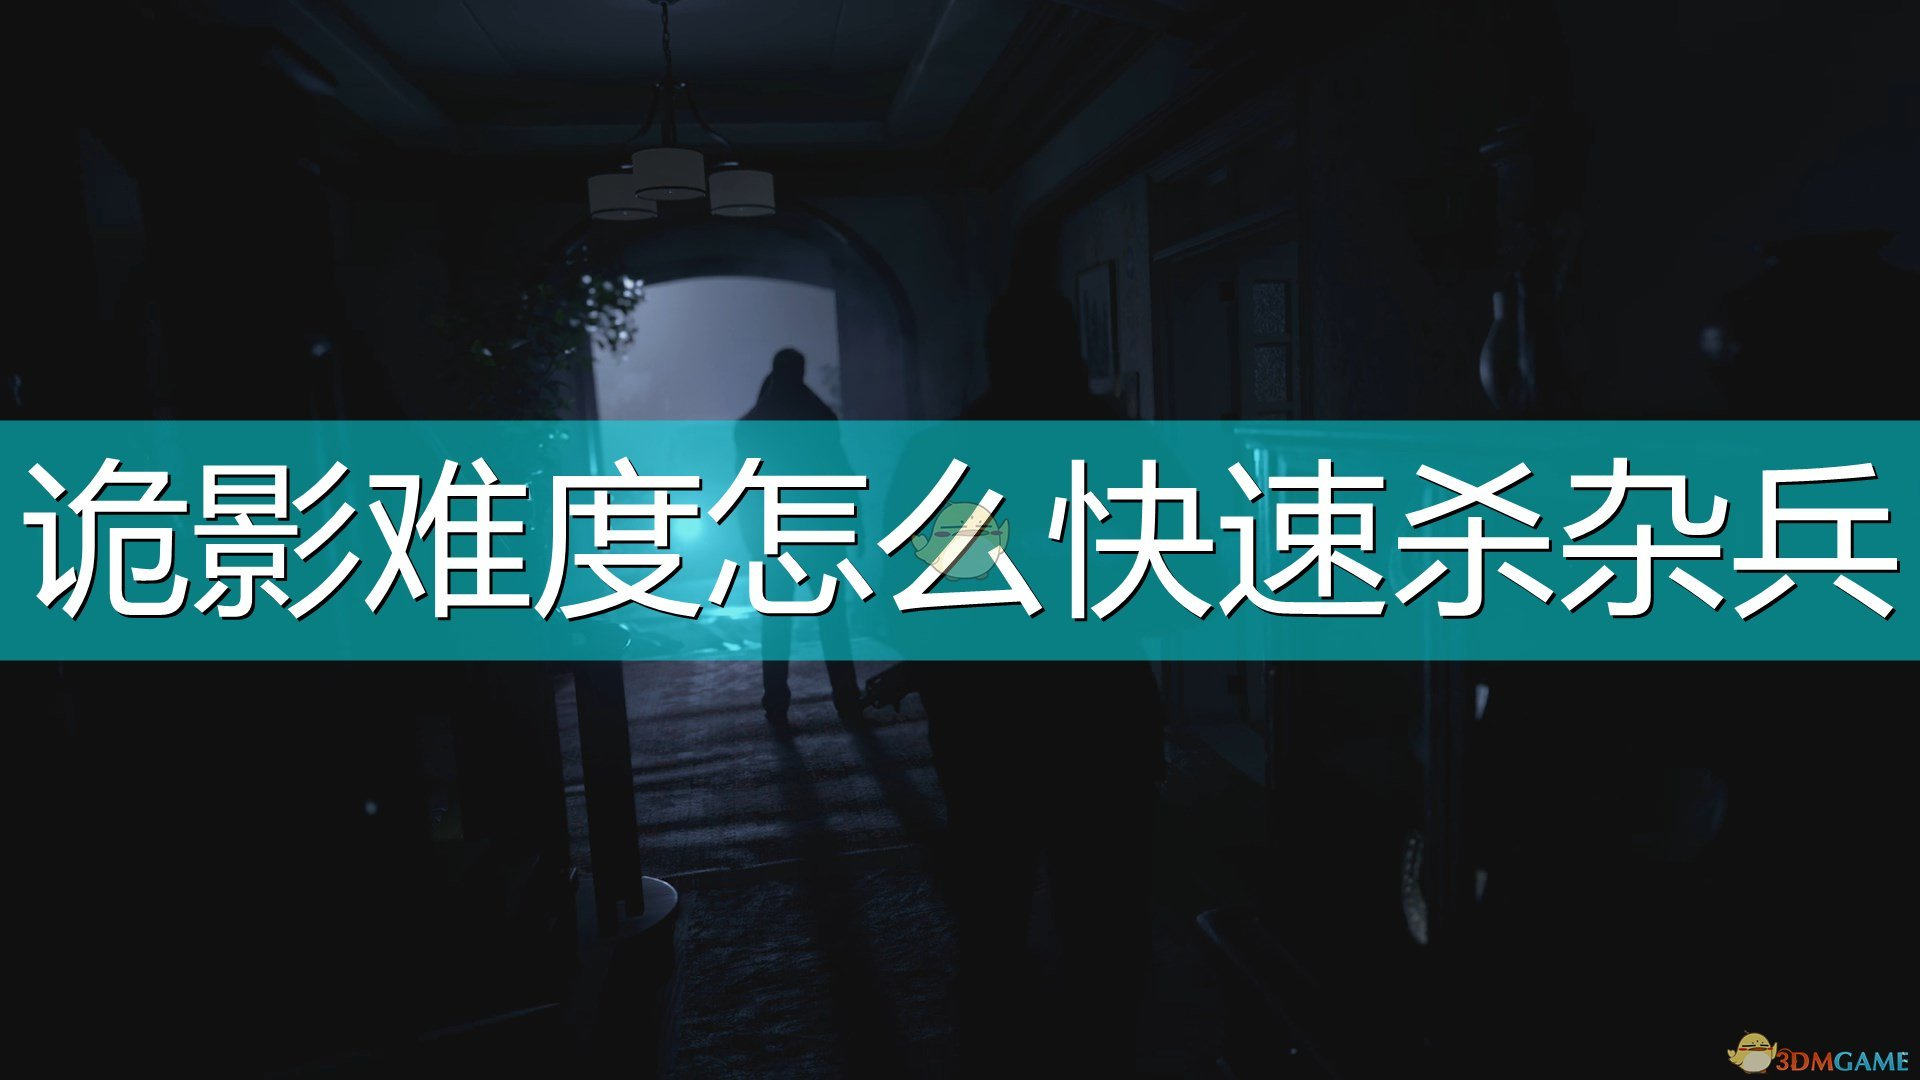 《生化危机8:村庄》诡影难度杂兵快速击杀方法介绍